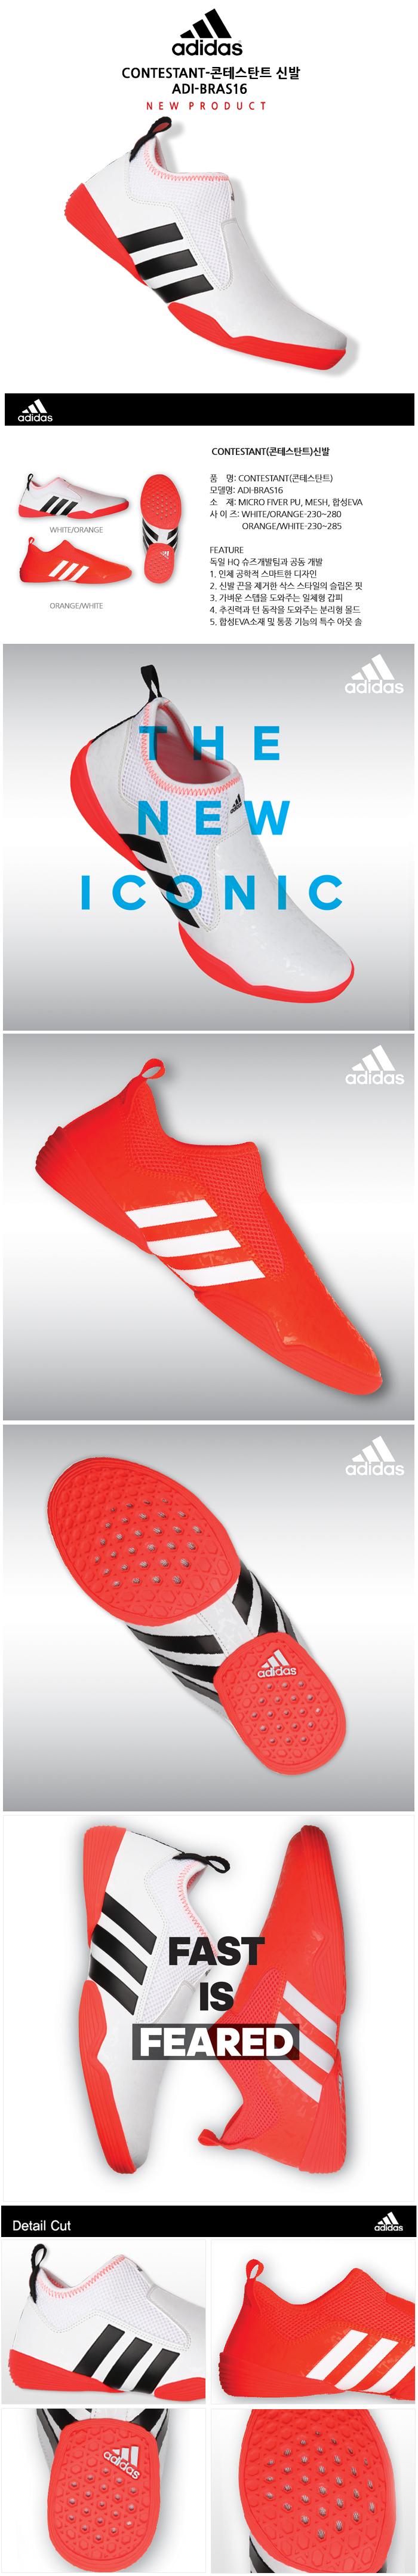 Details about Adidas Taekwondo shoesFootwearIndoor shoesmartial arts shoesADI BRAS16White